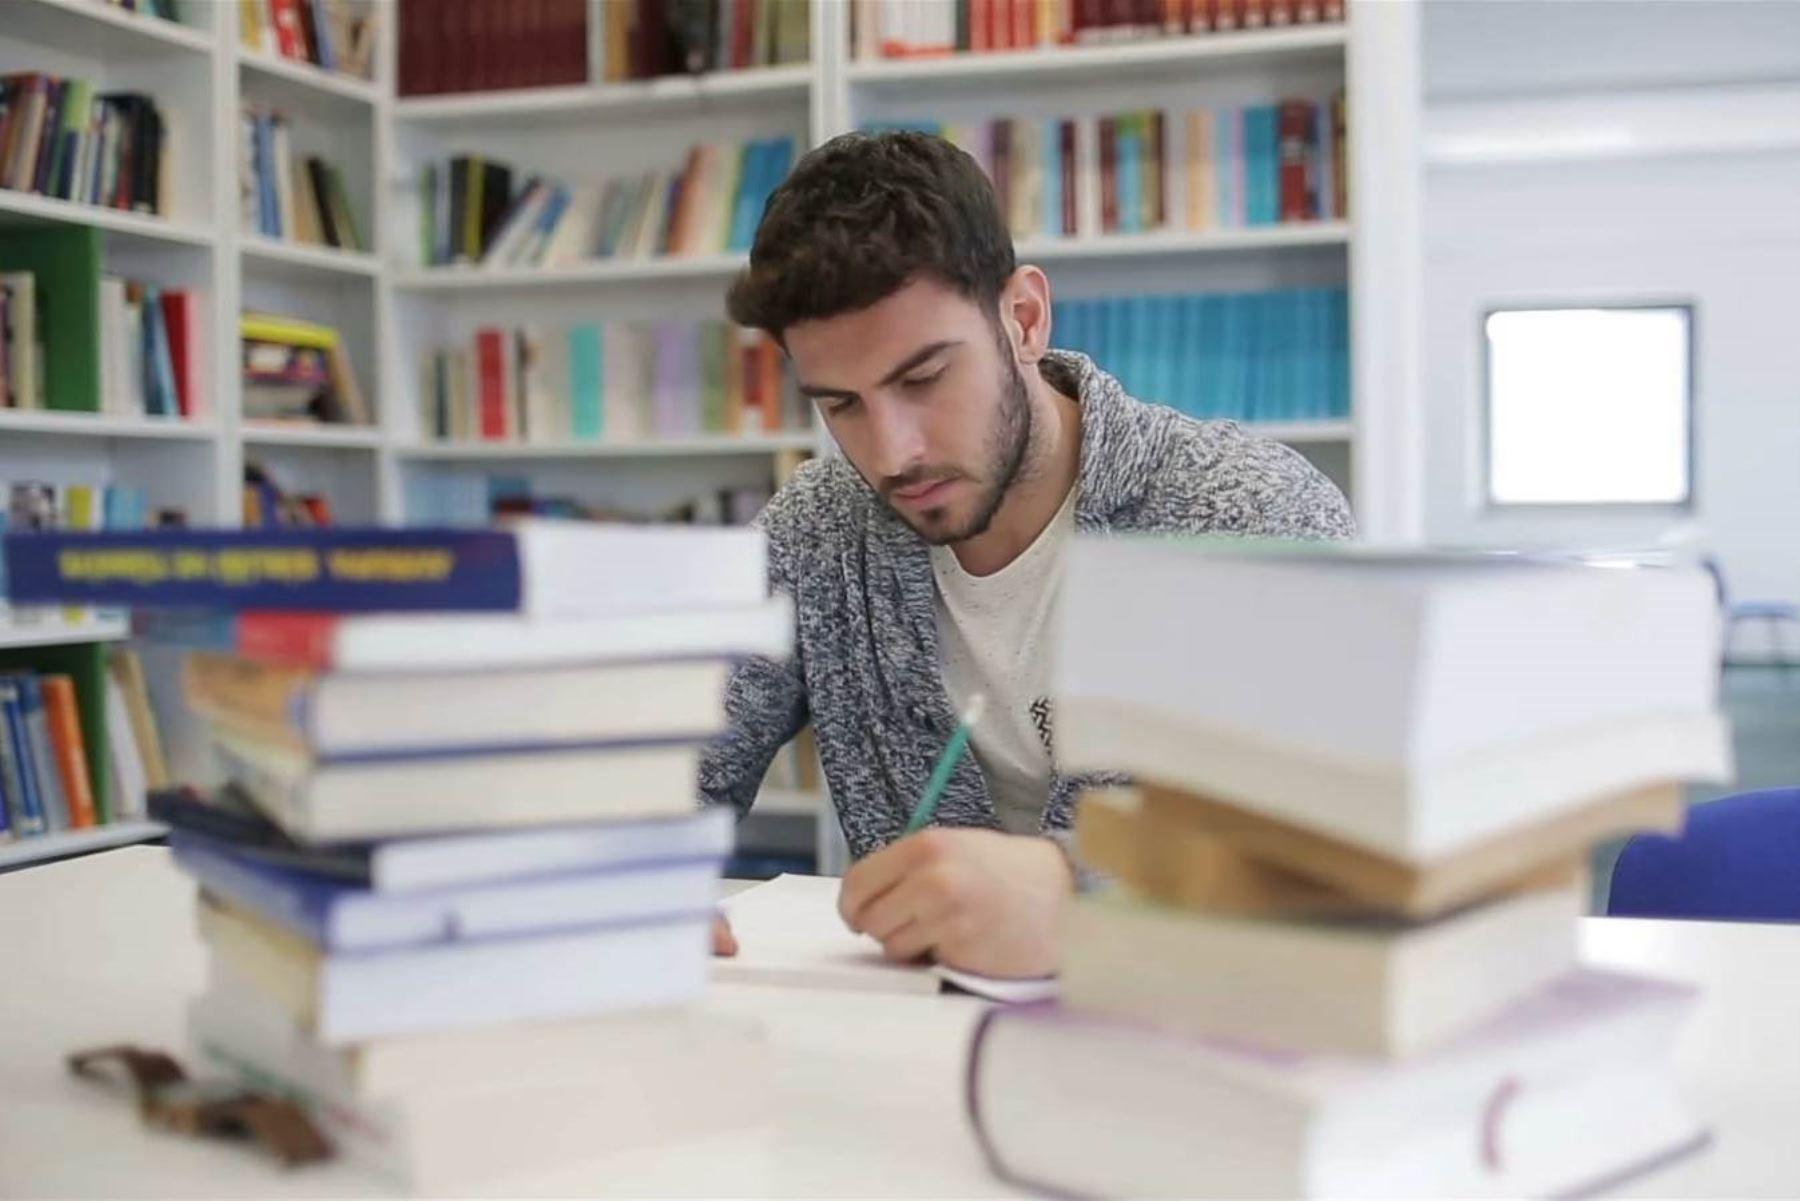 Reto Excelencia otorga $ 150,000 para posgrados en el extranjero. Foto: ANDINA/Difusión.